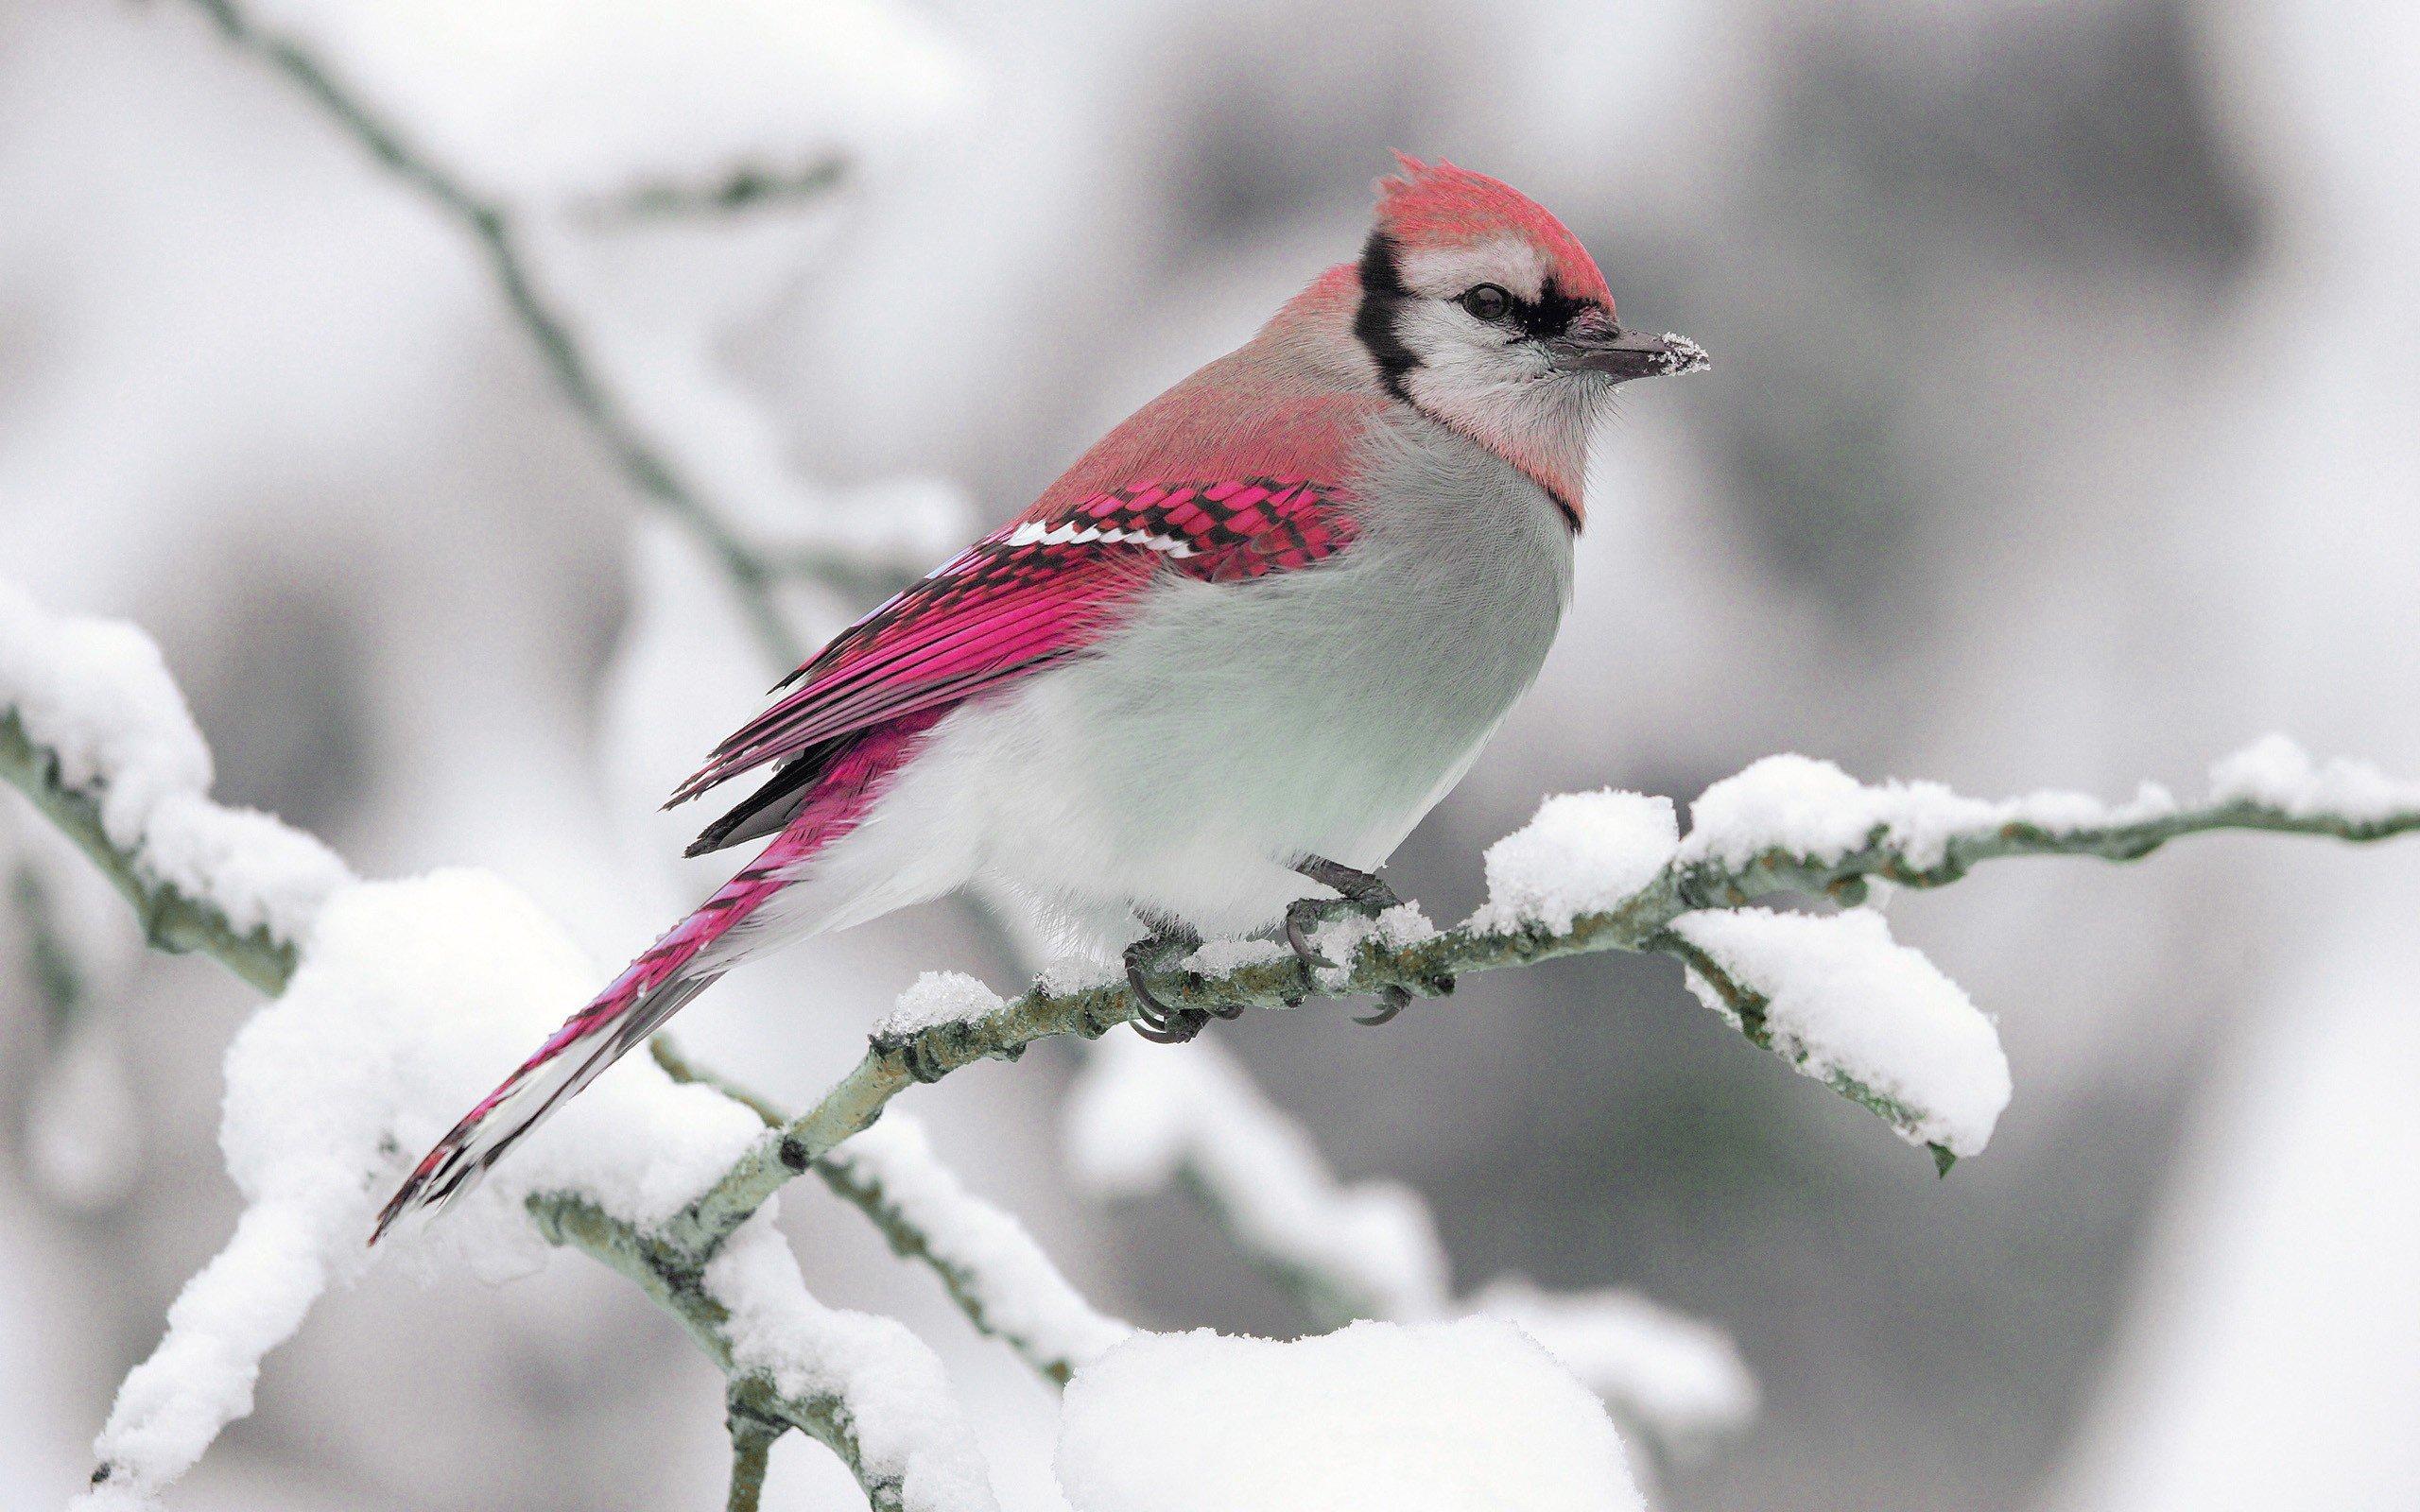 Nature winter bird snow branch wallpaper 2560x1600 309884 2560x1600